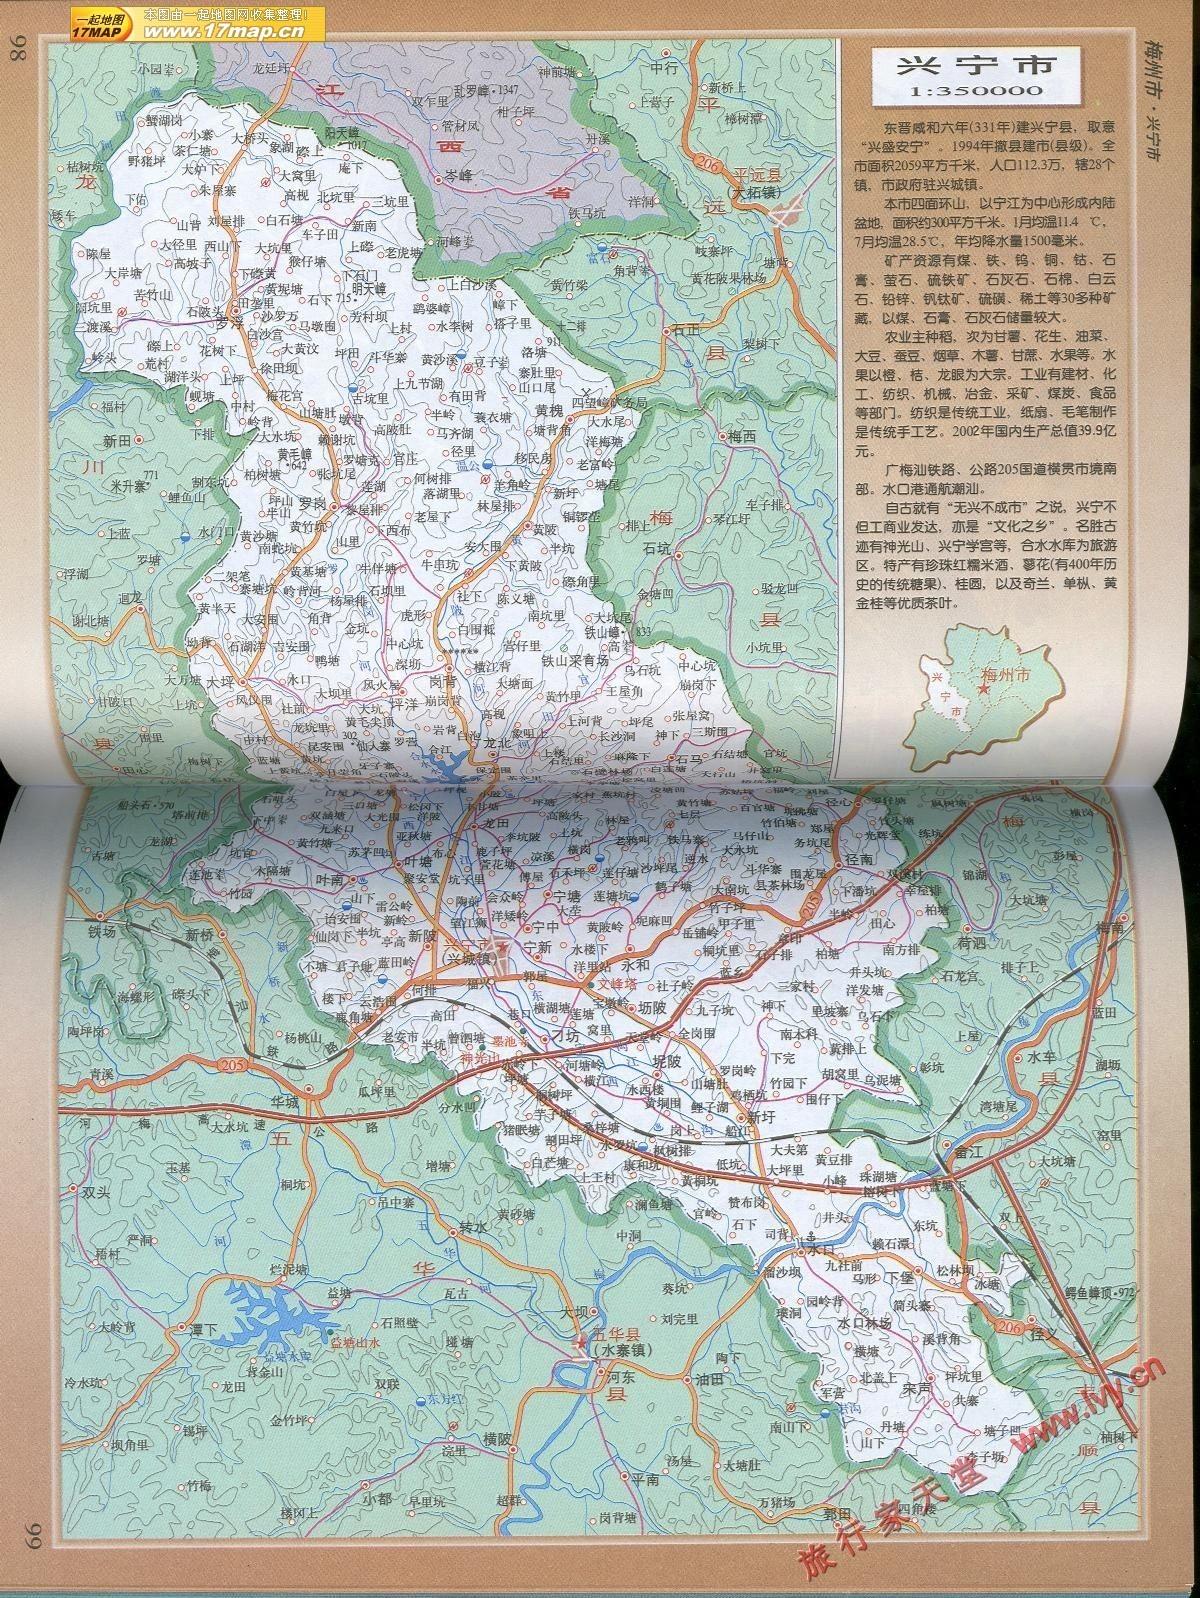 罗岗镇地图